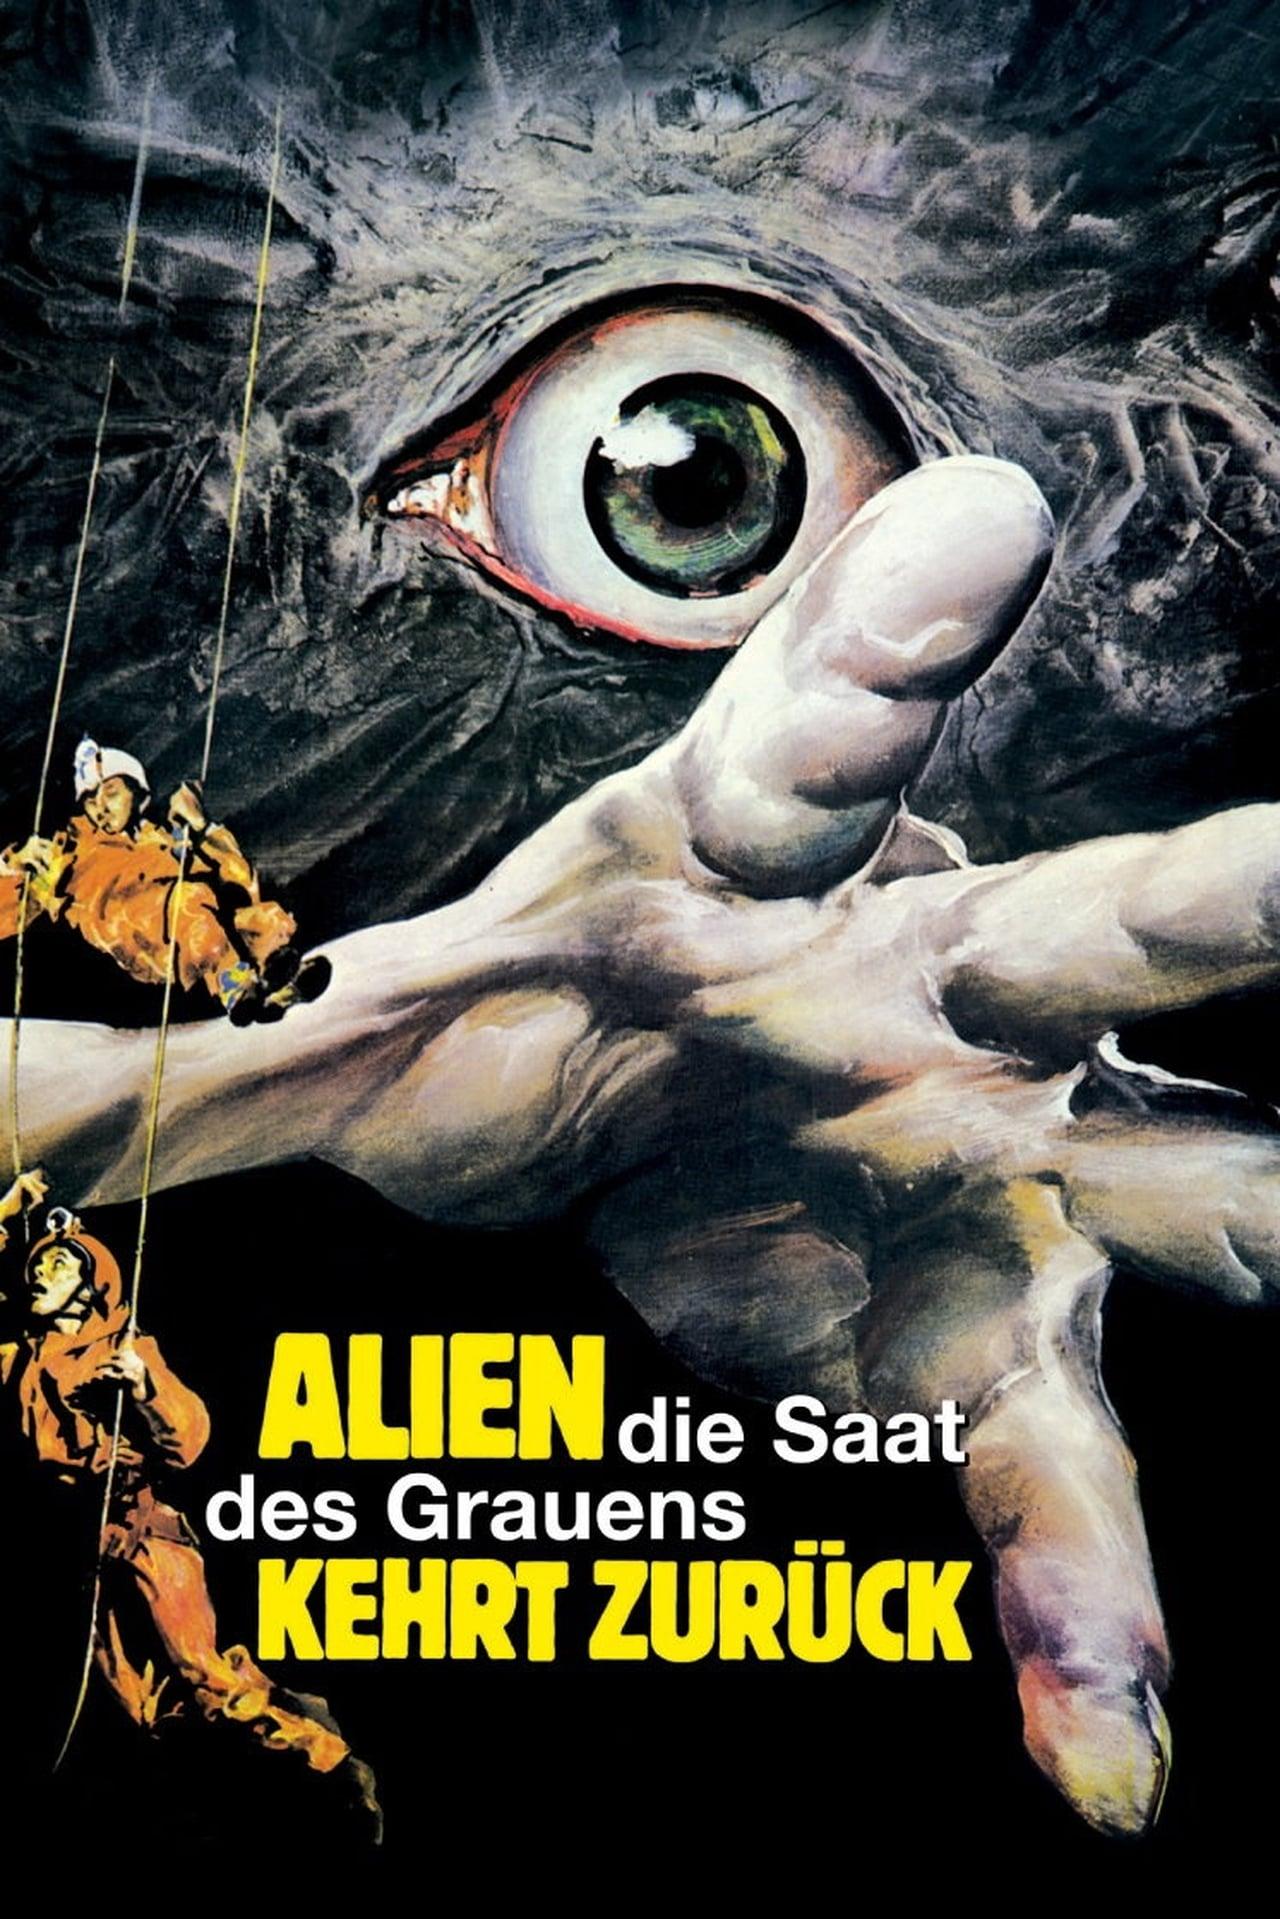 Wer Streamt Alien 2 Die Saat Des Grauens Kehrt Zurück